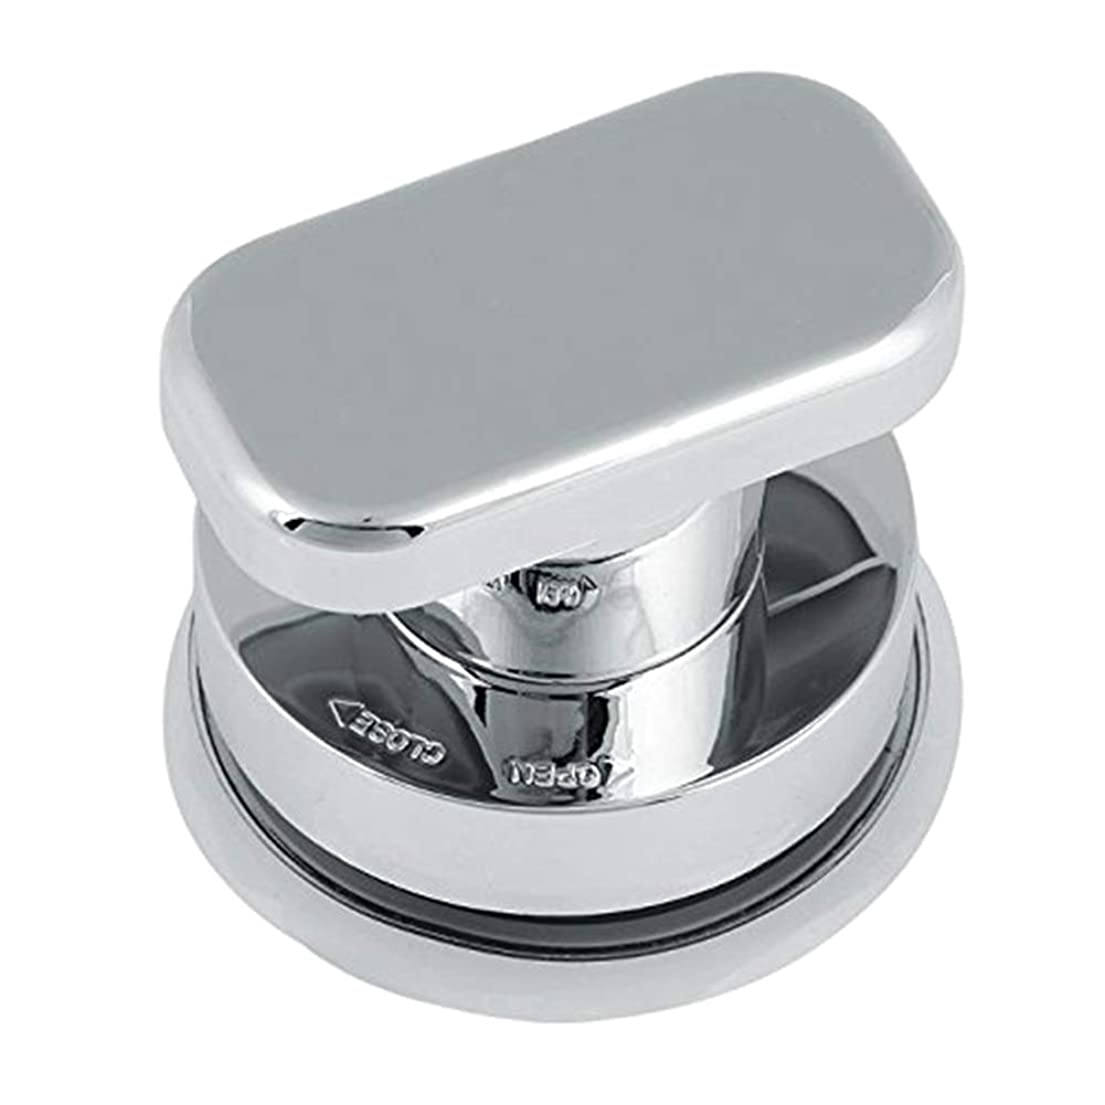 確かにおいしい種類ミニハンドル 強力吸盤 吸盤 取っ手 手すり ドアハンドル 戸棚 冷蔵庫 ハンドル